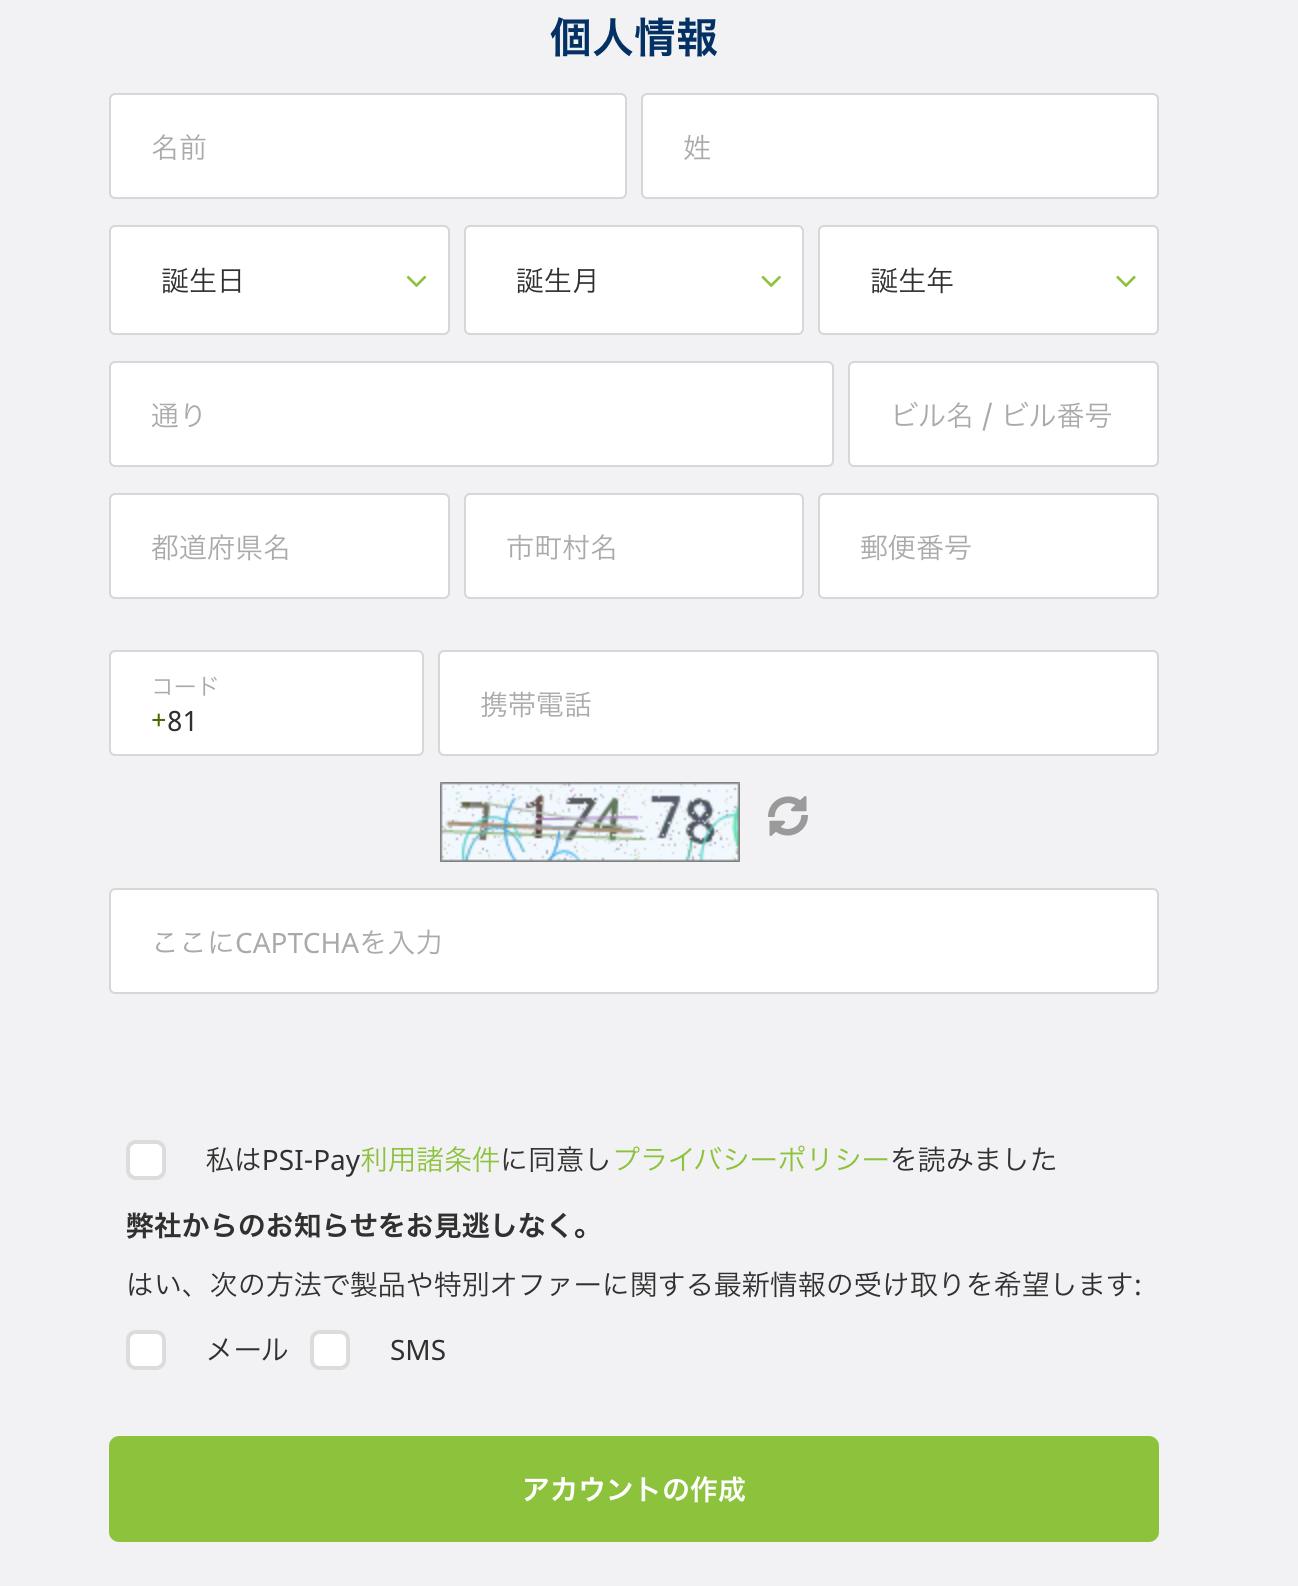 エコペイズの登録